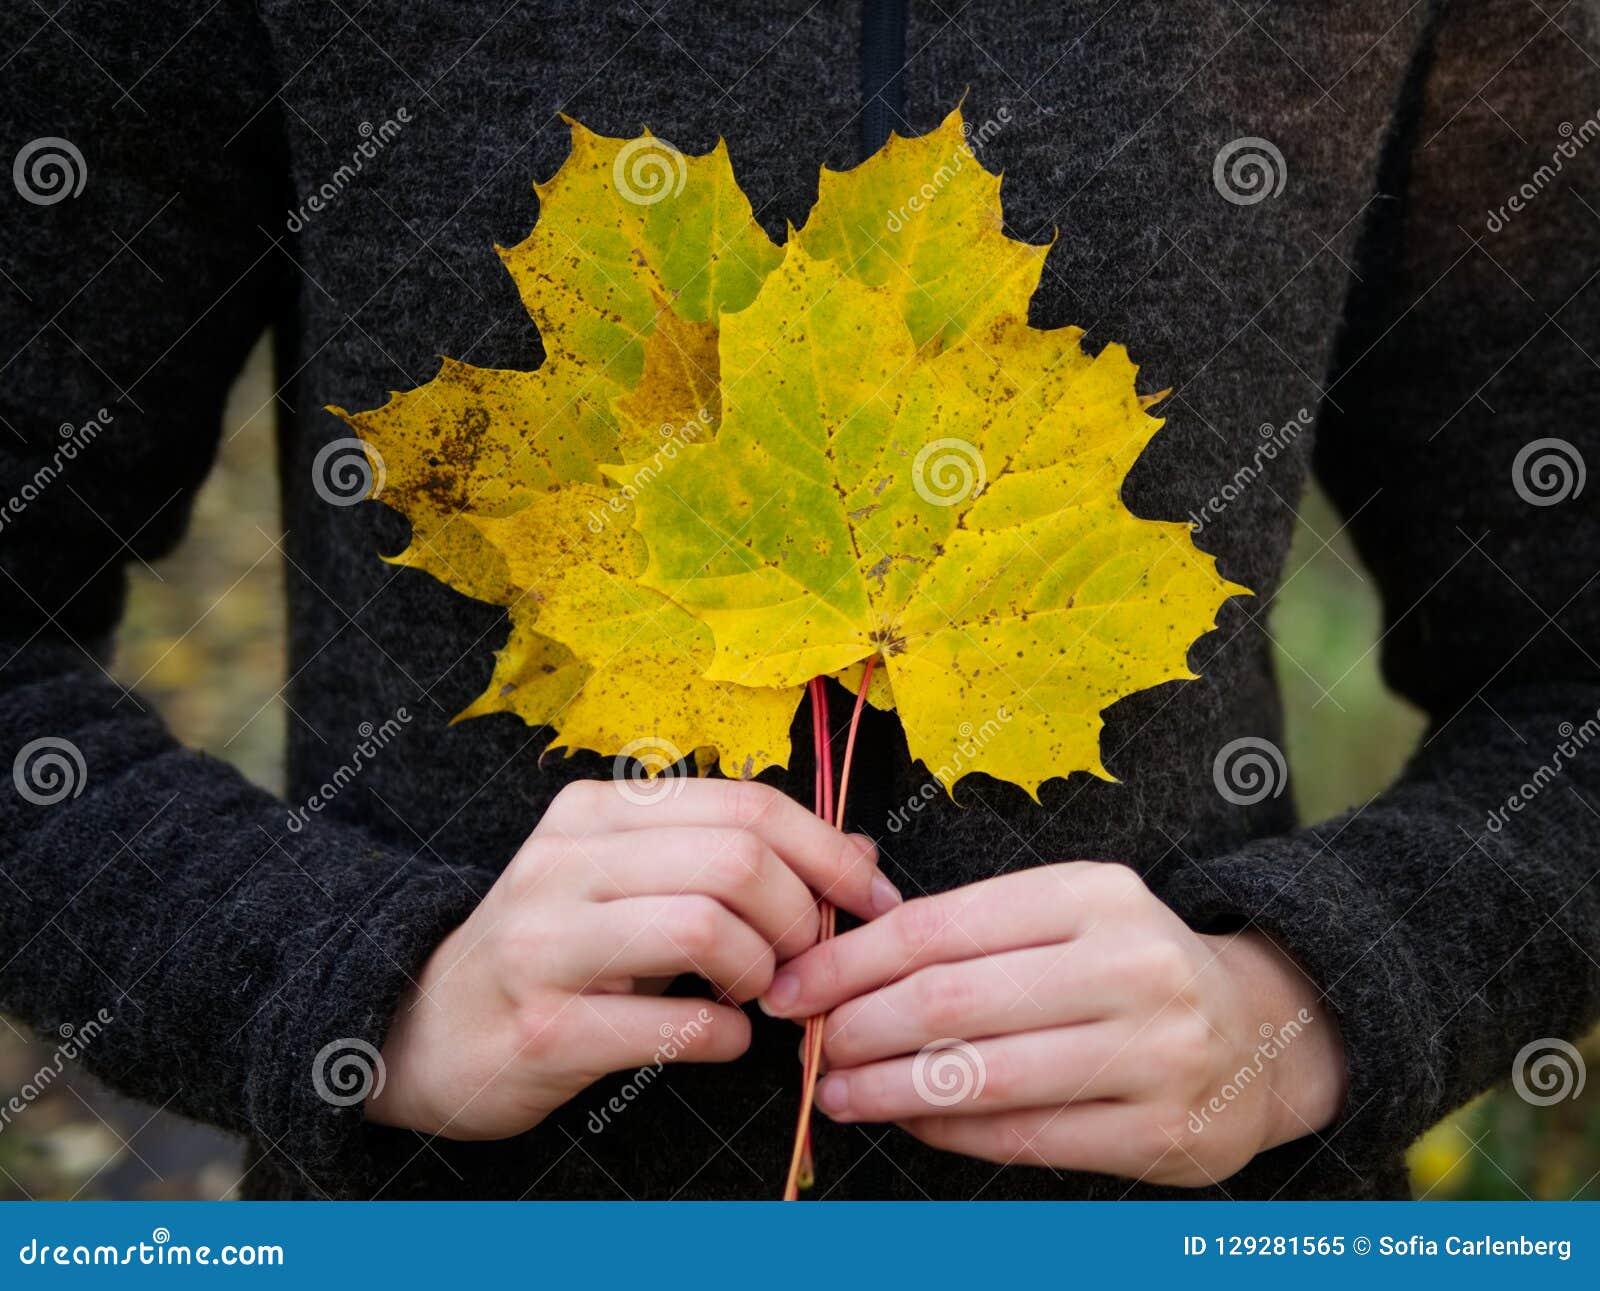 Un ramo de hojas de arce amarillas lleva a cabo por las manos femeninas